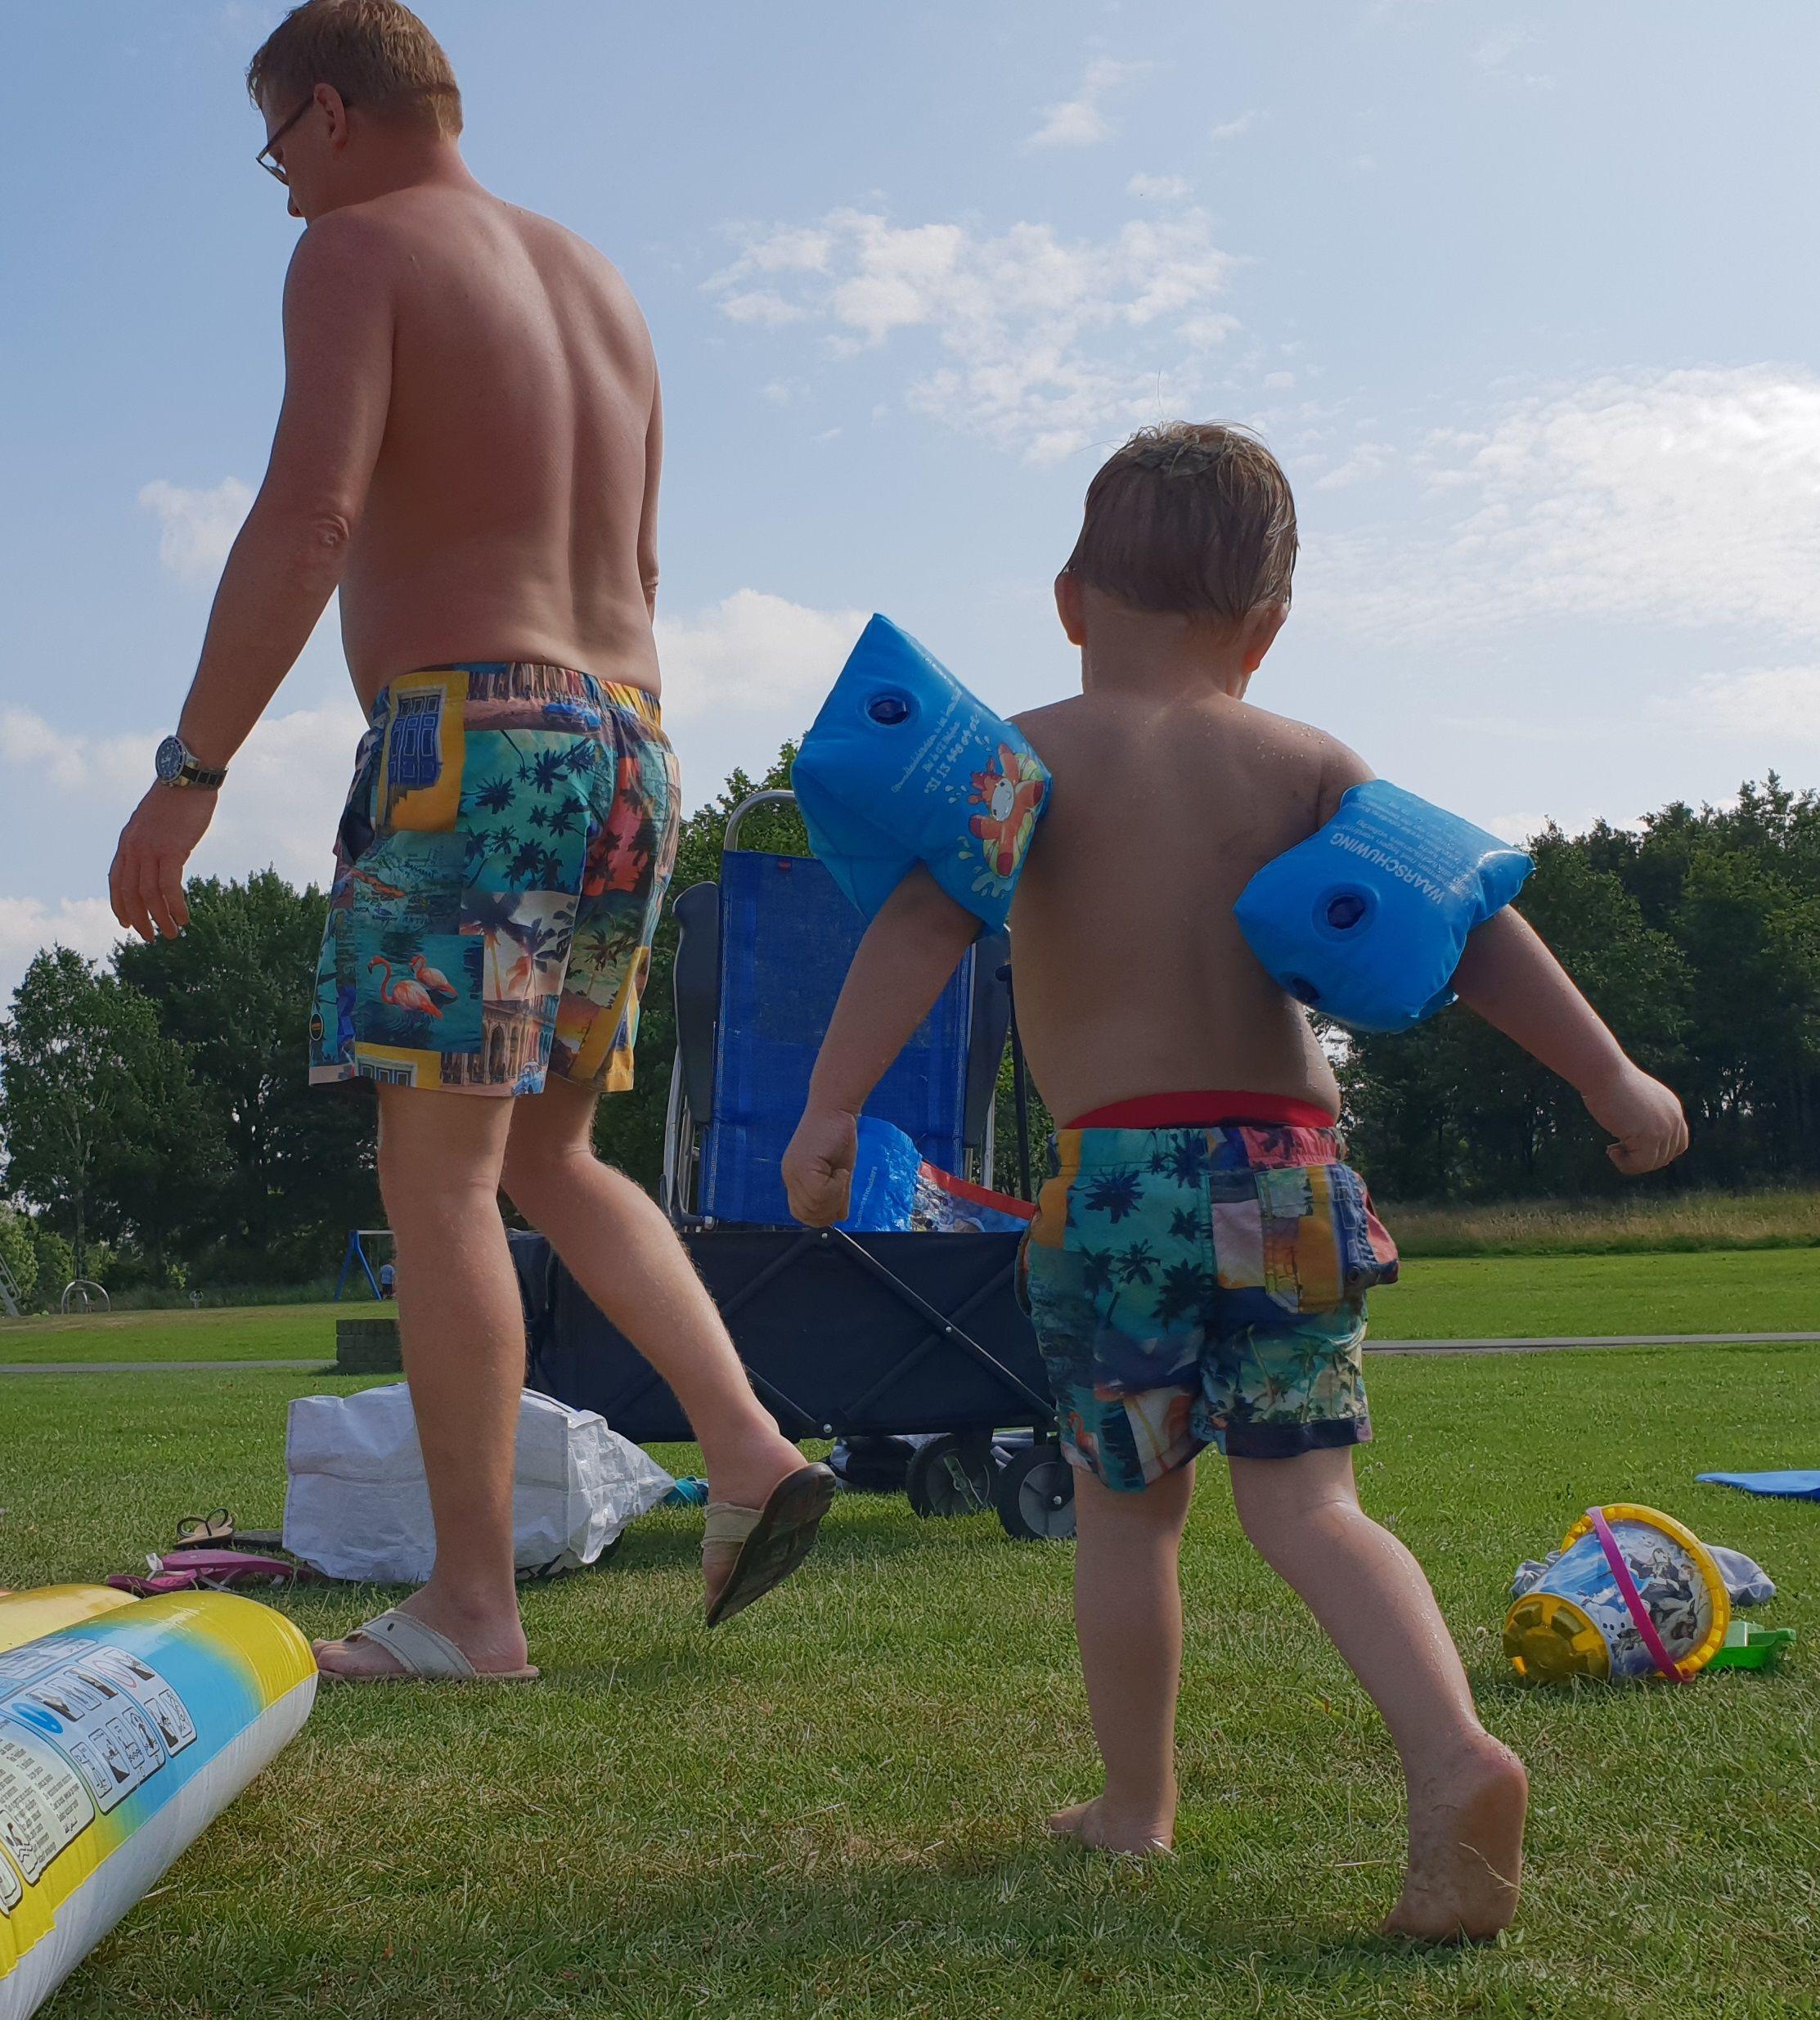 Zwembroek Man En Kind.Vader En Zoon In Dezelfde Vrolijke Zwembroek Zwembroek Vader Zoon